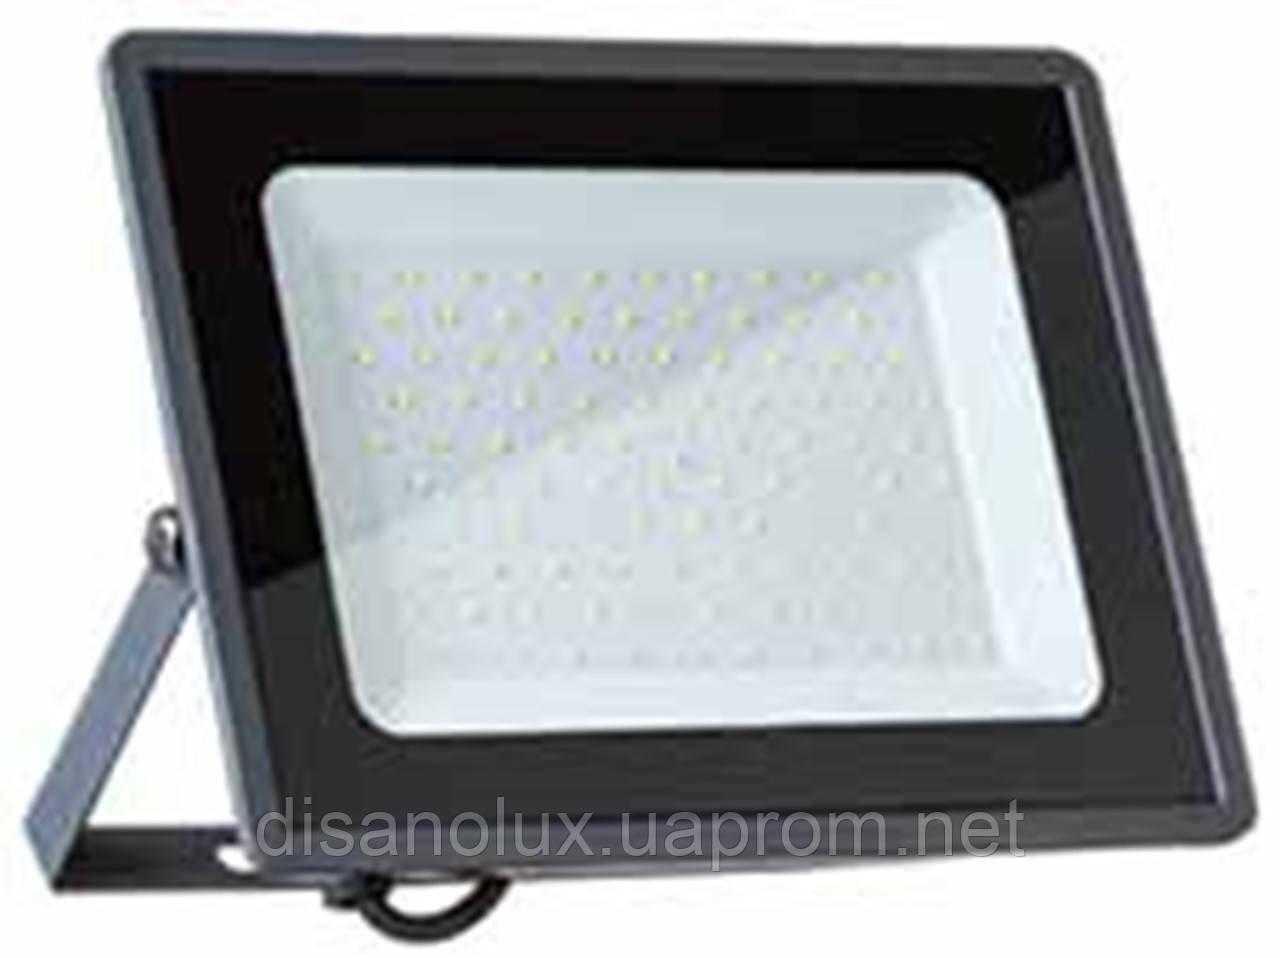 Светодиодные прожекторы - матричные SMD AVT4-IC  100W  220V (матрица с IC драйвером)